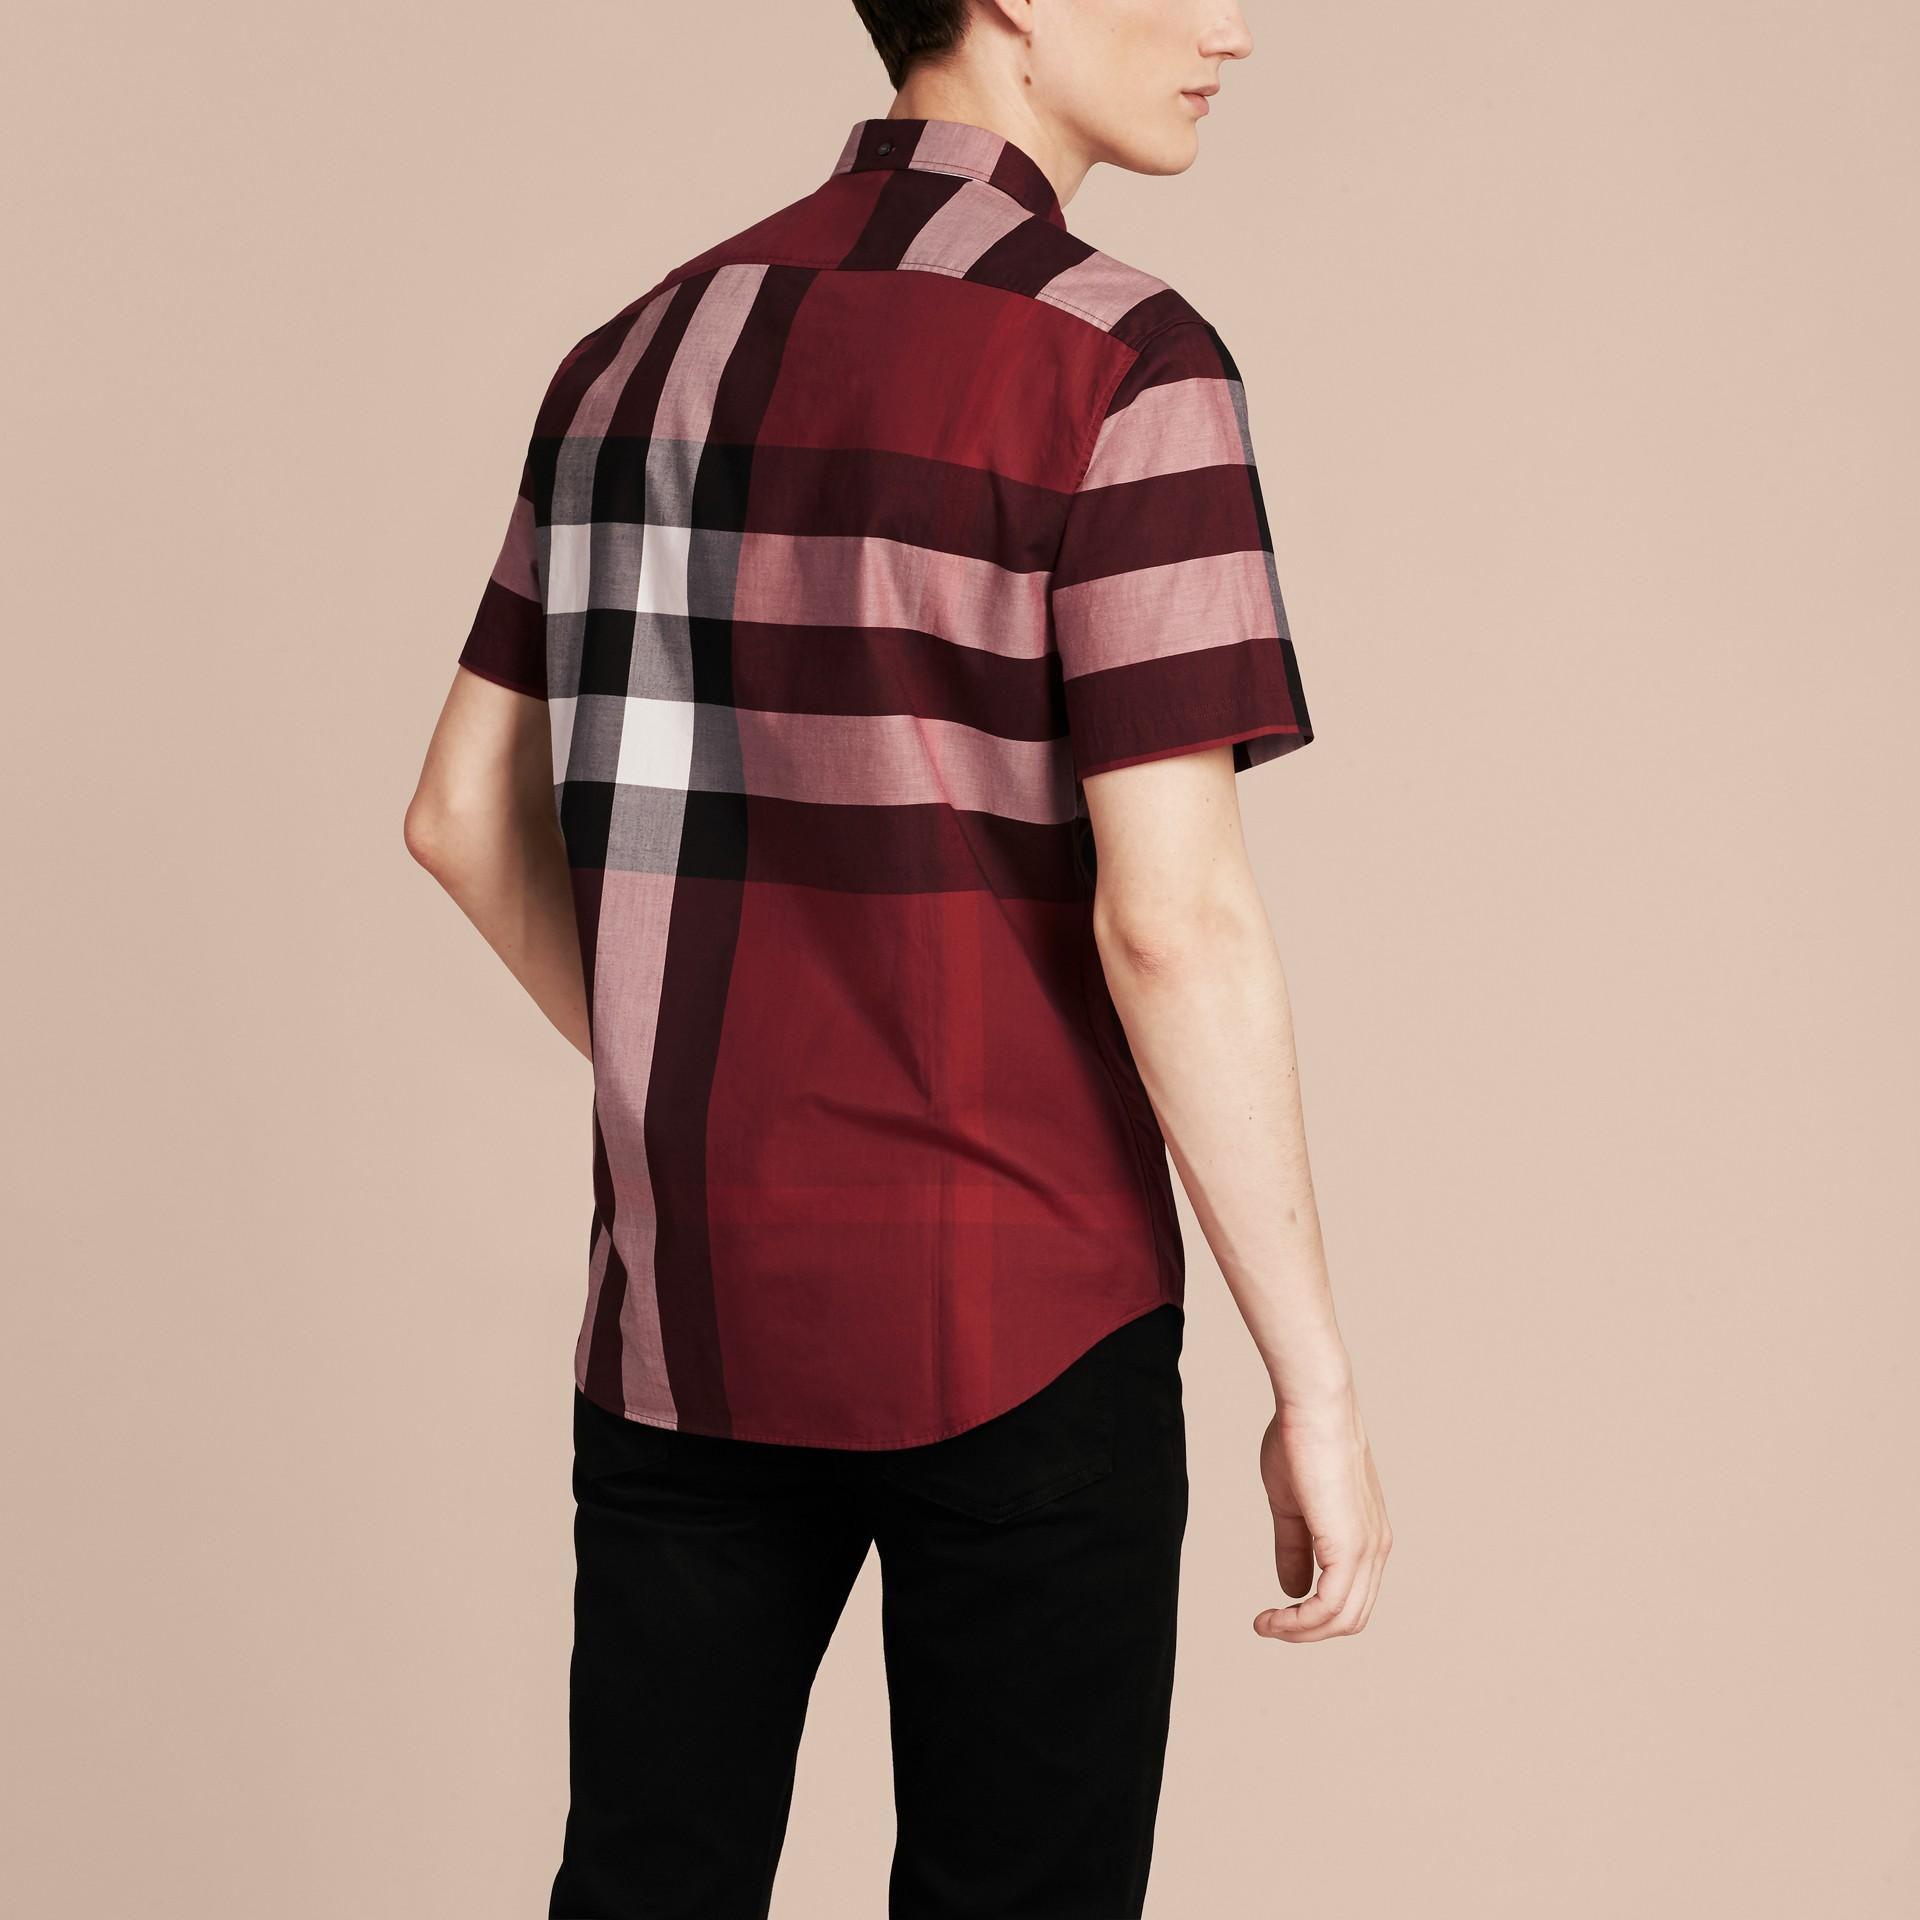 Berry red Camisa de algodão com estampa xadrez e mangas curtas Berry Red - galeria de imagens 3